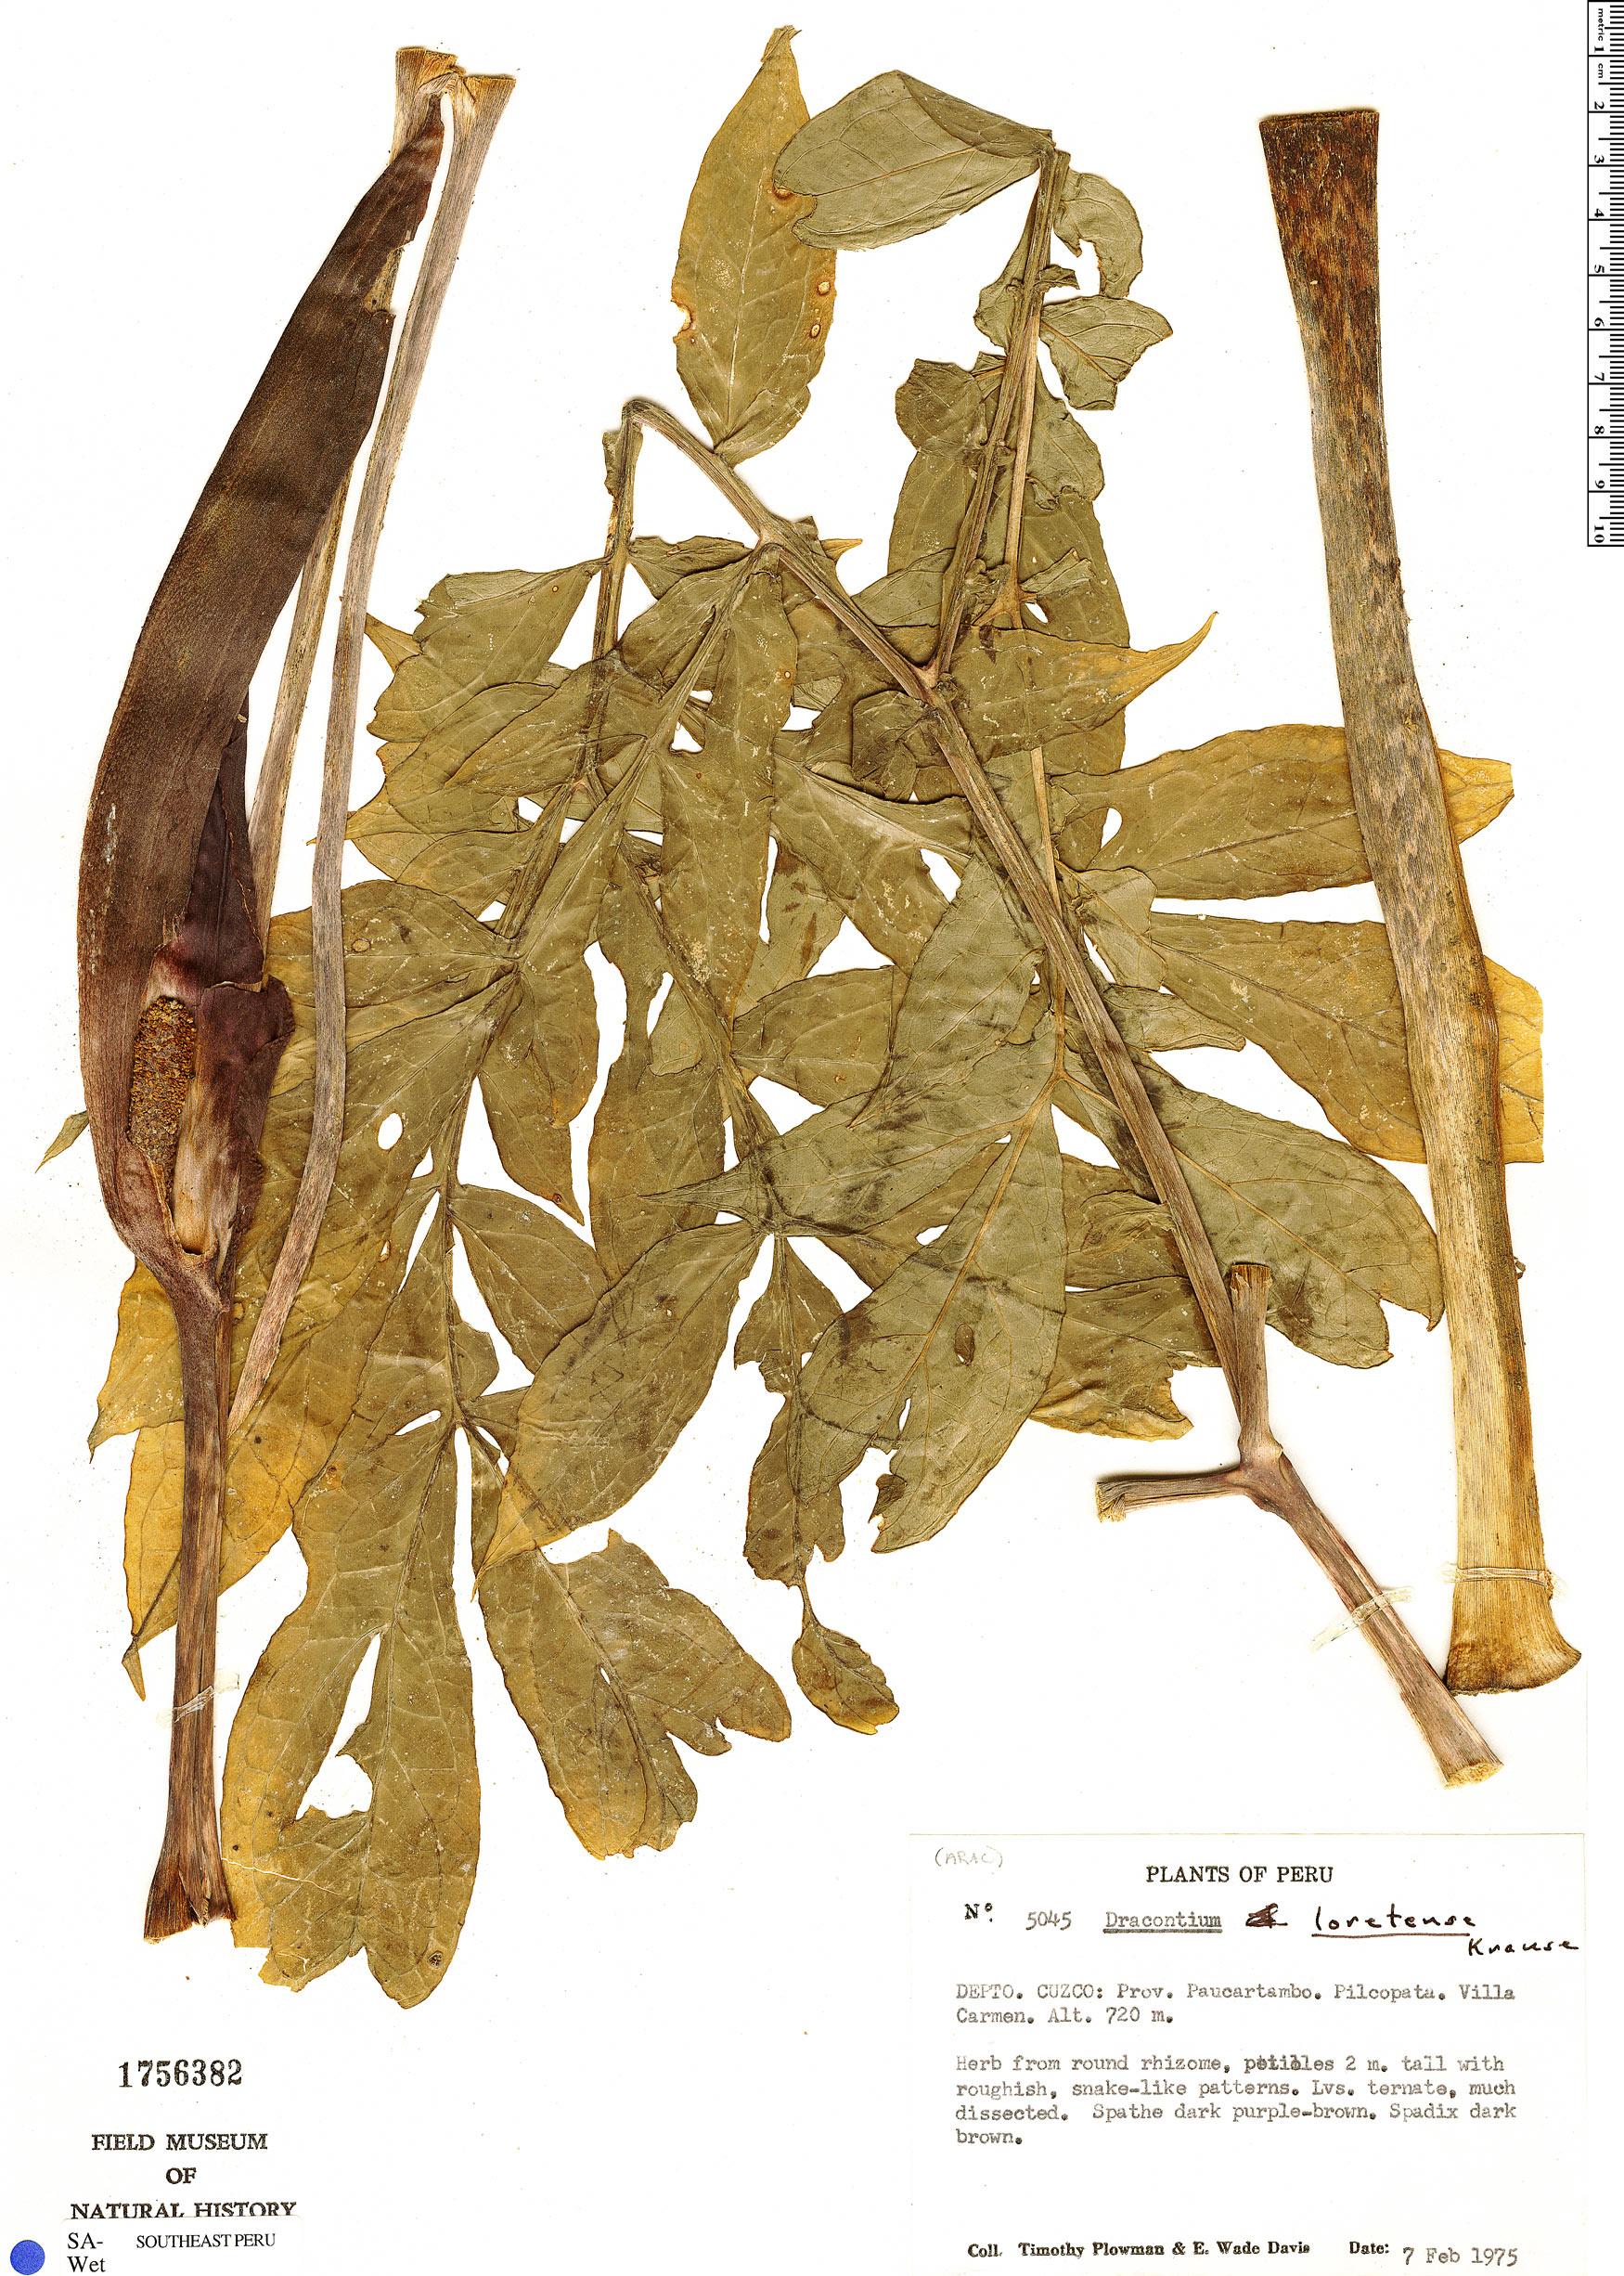 Specimen: Dracontium plowmanii